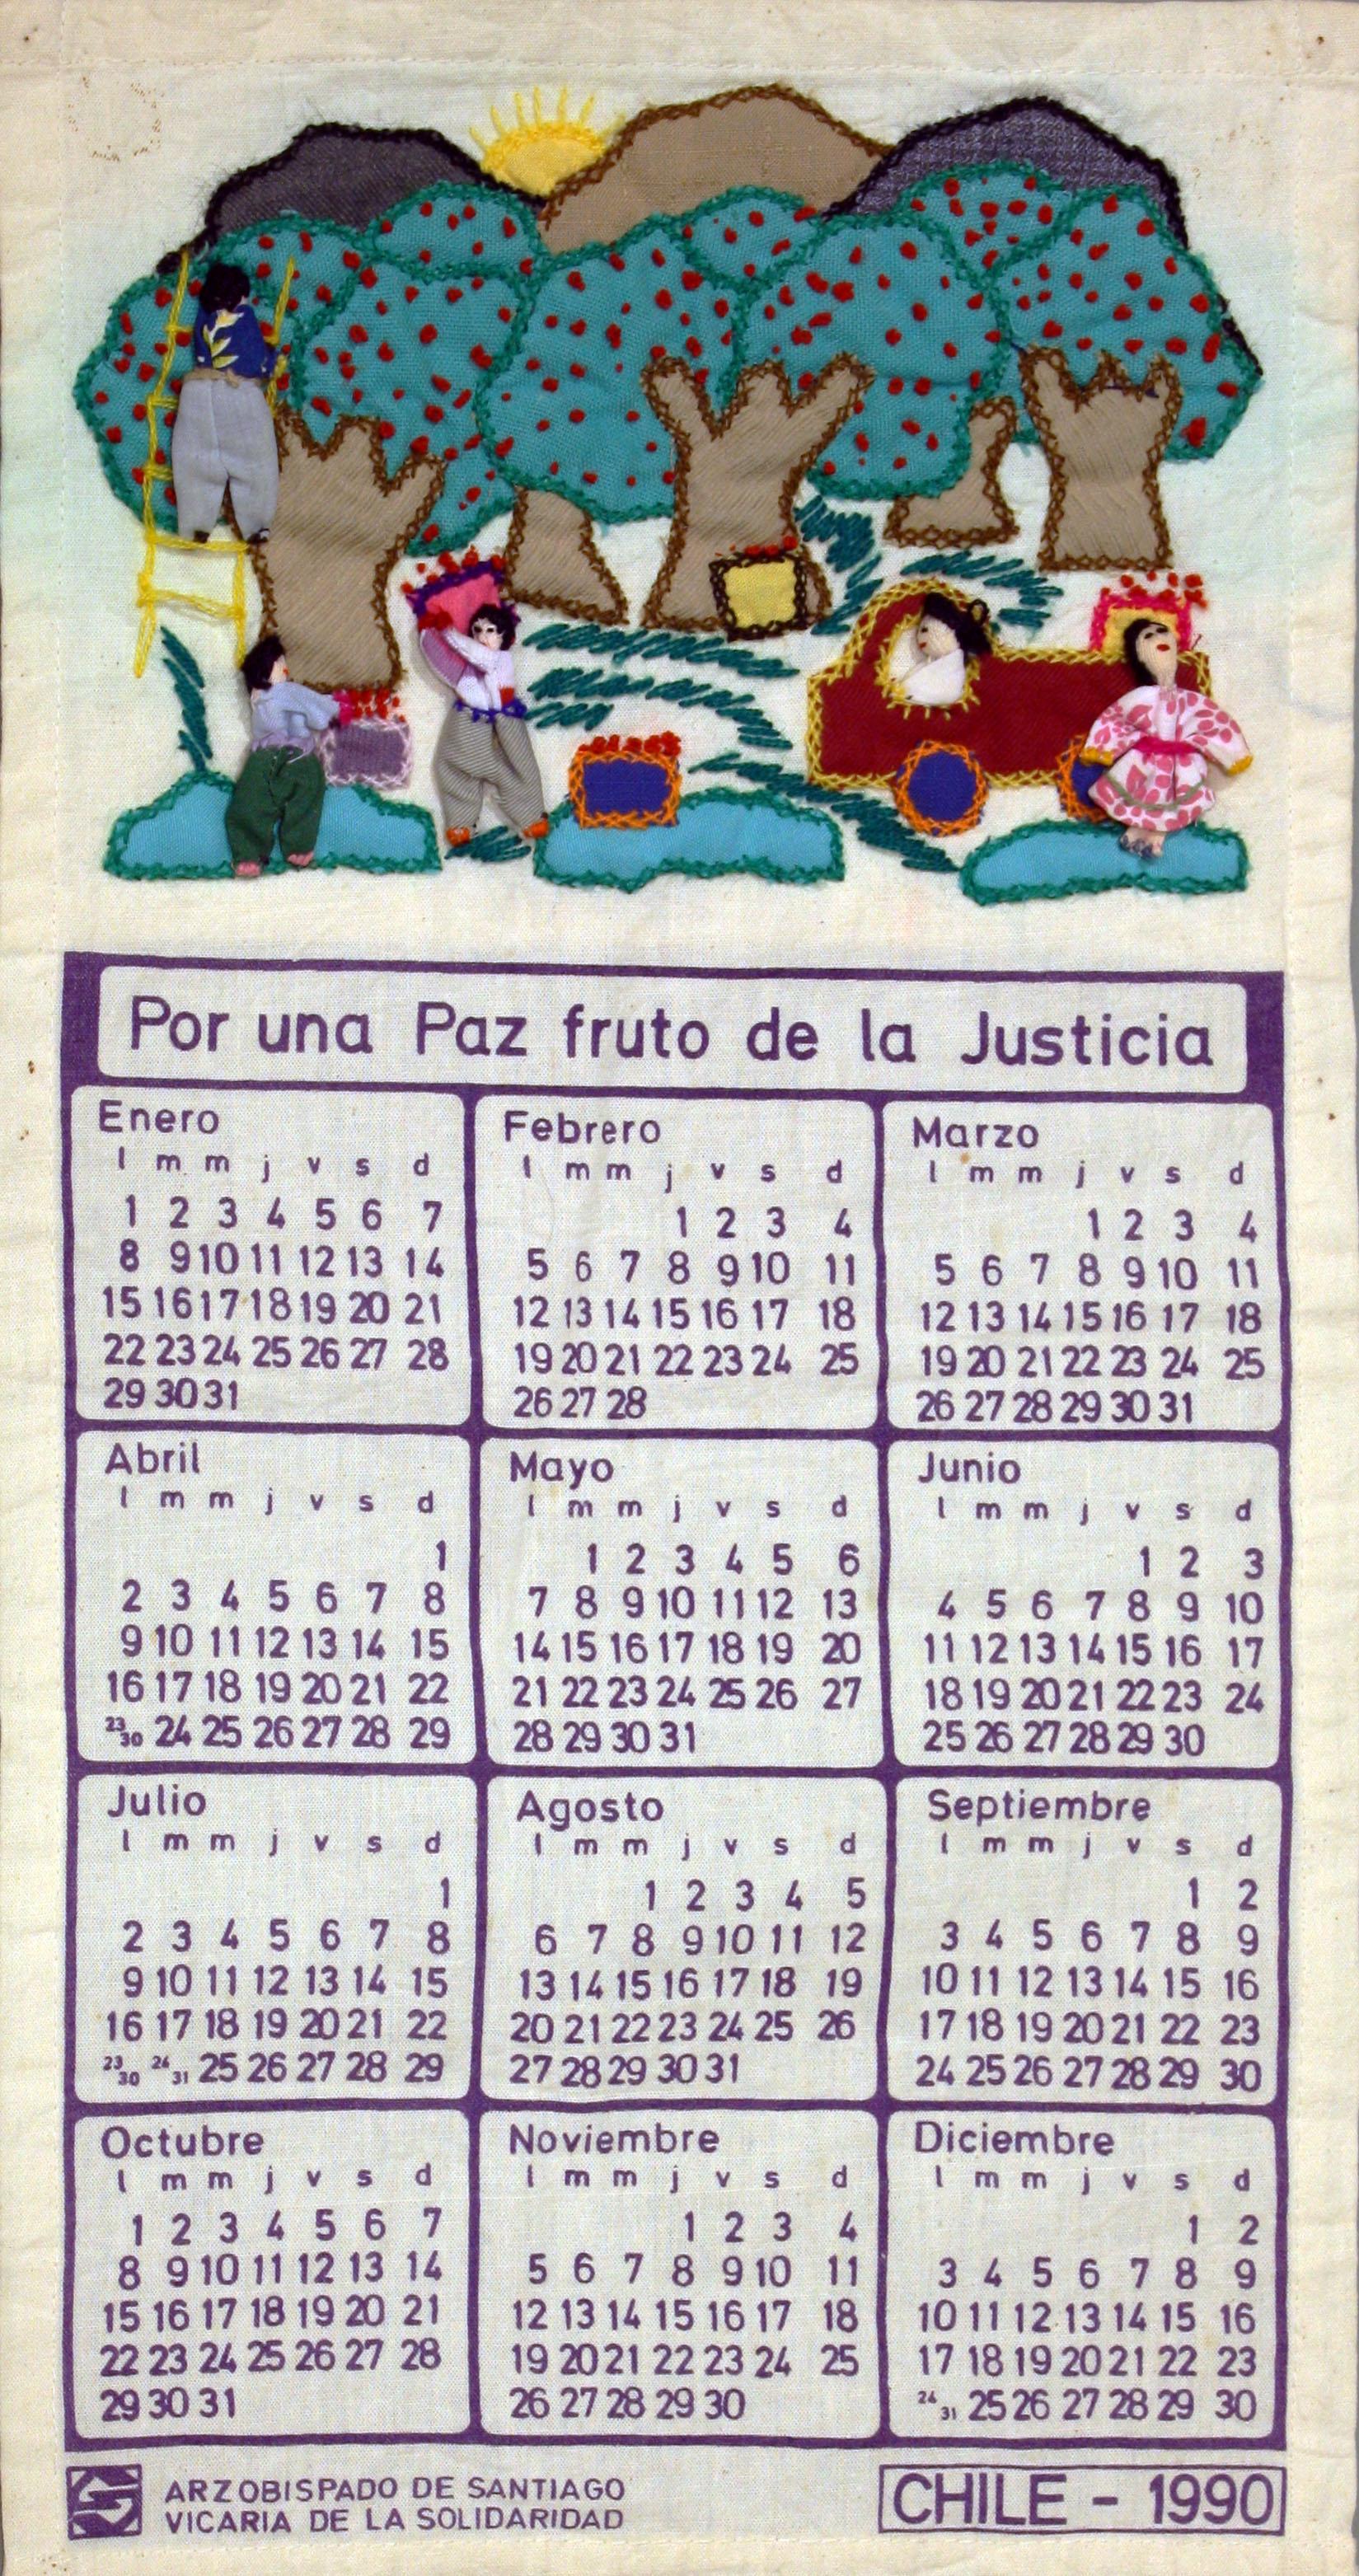 1990 Calendario.Item 000007 Calendario 1990 Archivo De Fondos Y Colecciones